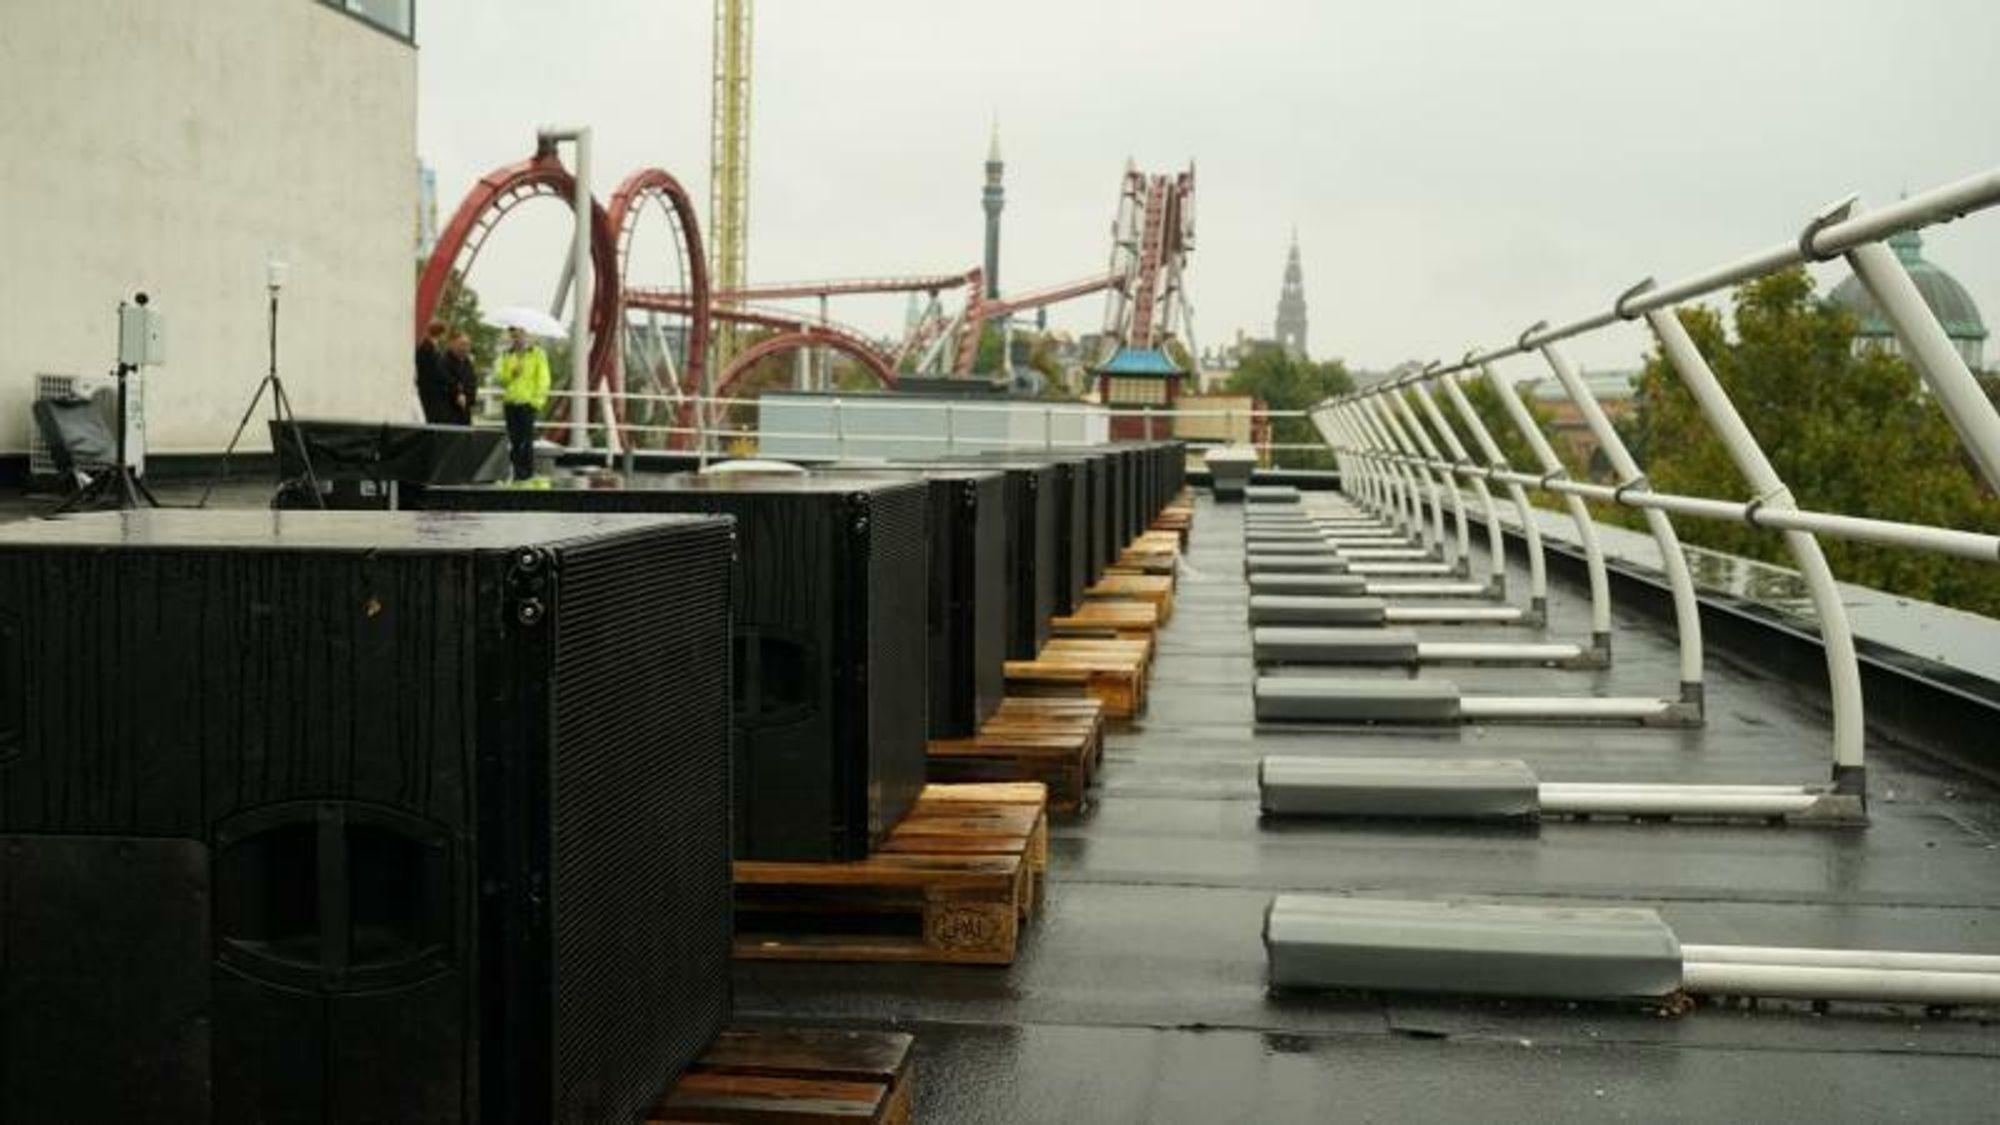 DTU Elektro har tidligere testet om de kan redusere støyen fra Tivolis fredagsrock med en serie på 18 tilleggshøyttalere som vil begrense støyen utenfor konsertområdet.